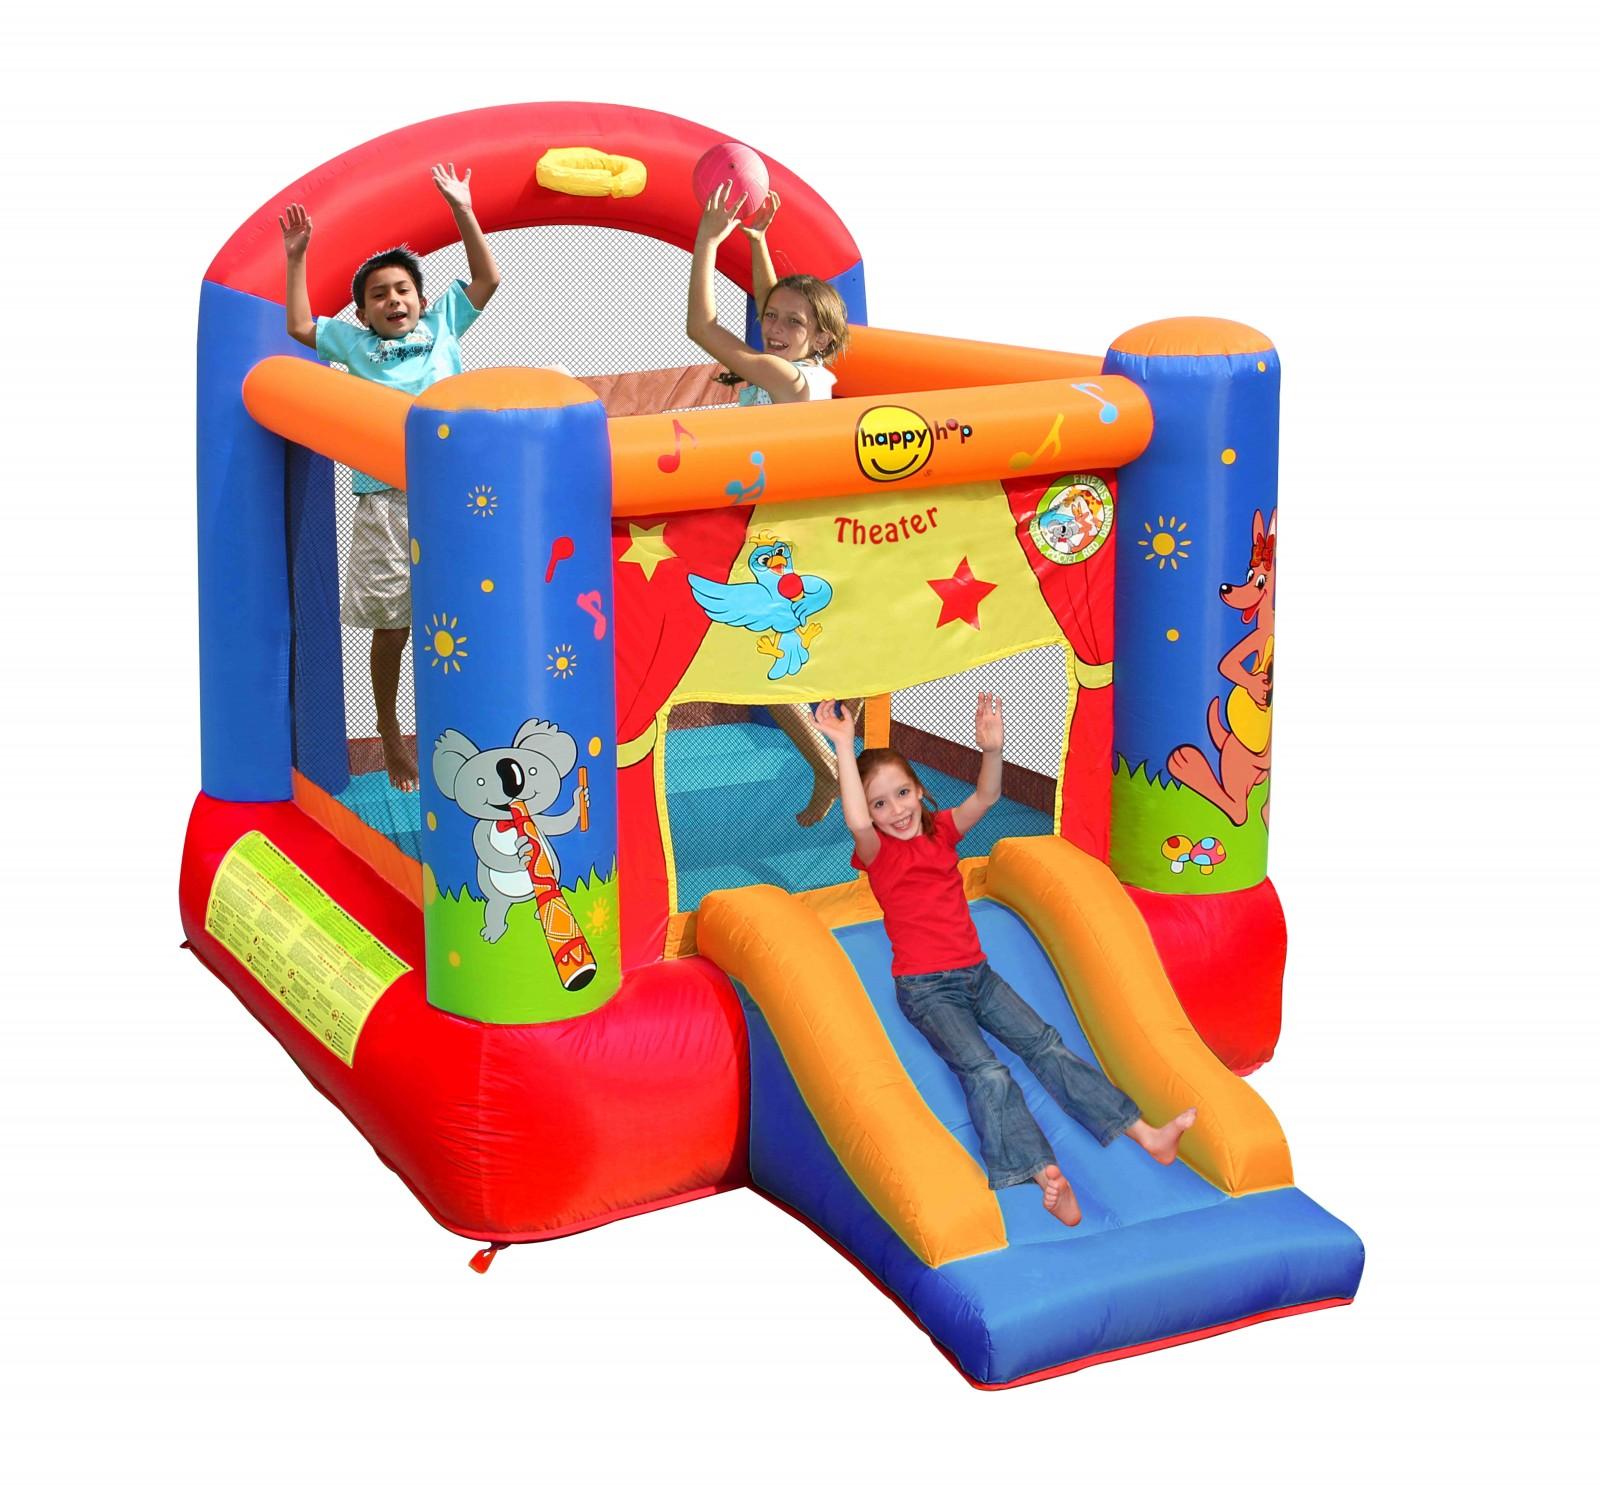 Happyhop bouncy castle theatre blinky bill acheter bon prix chez fitshop - Acheter chateau gonflable ...